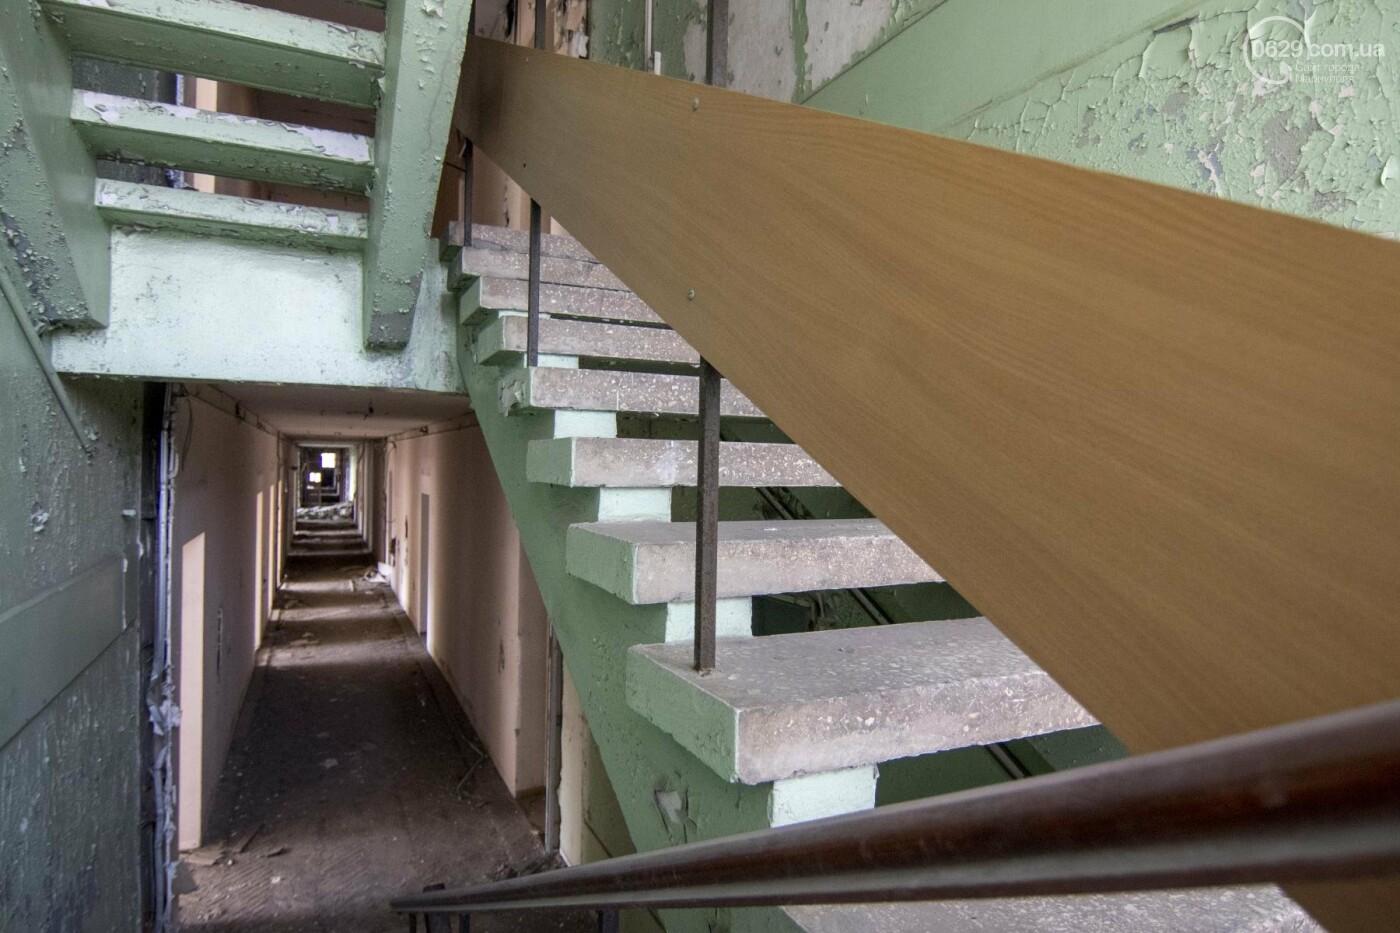 Что осталось от здания мариупольской мэрии, и когда его восстановят (ФОТОРЕПОРТАЖ с руин +ВИДЕО), фото-1